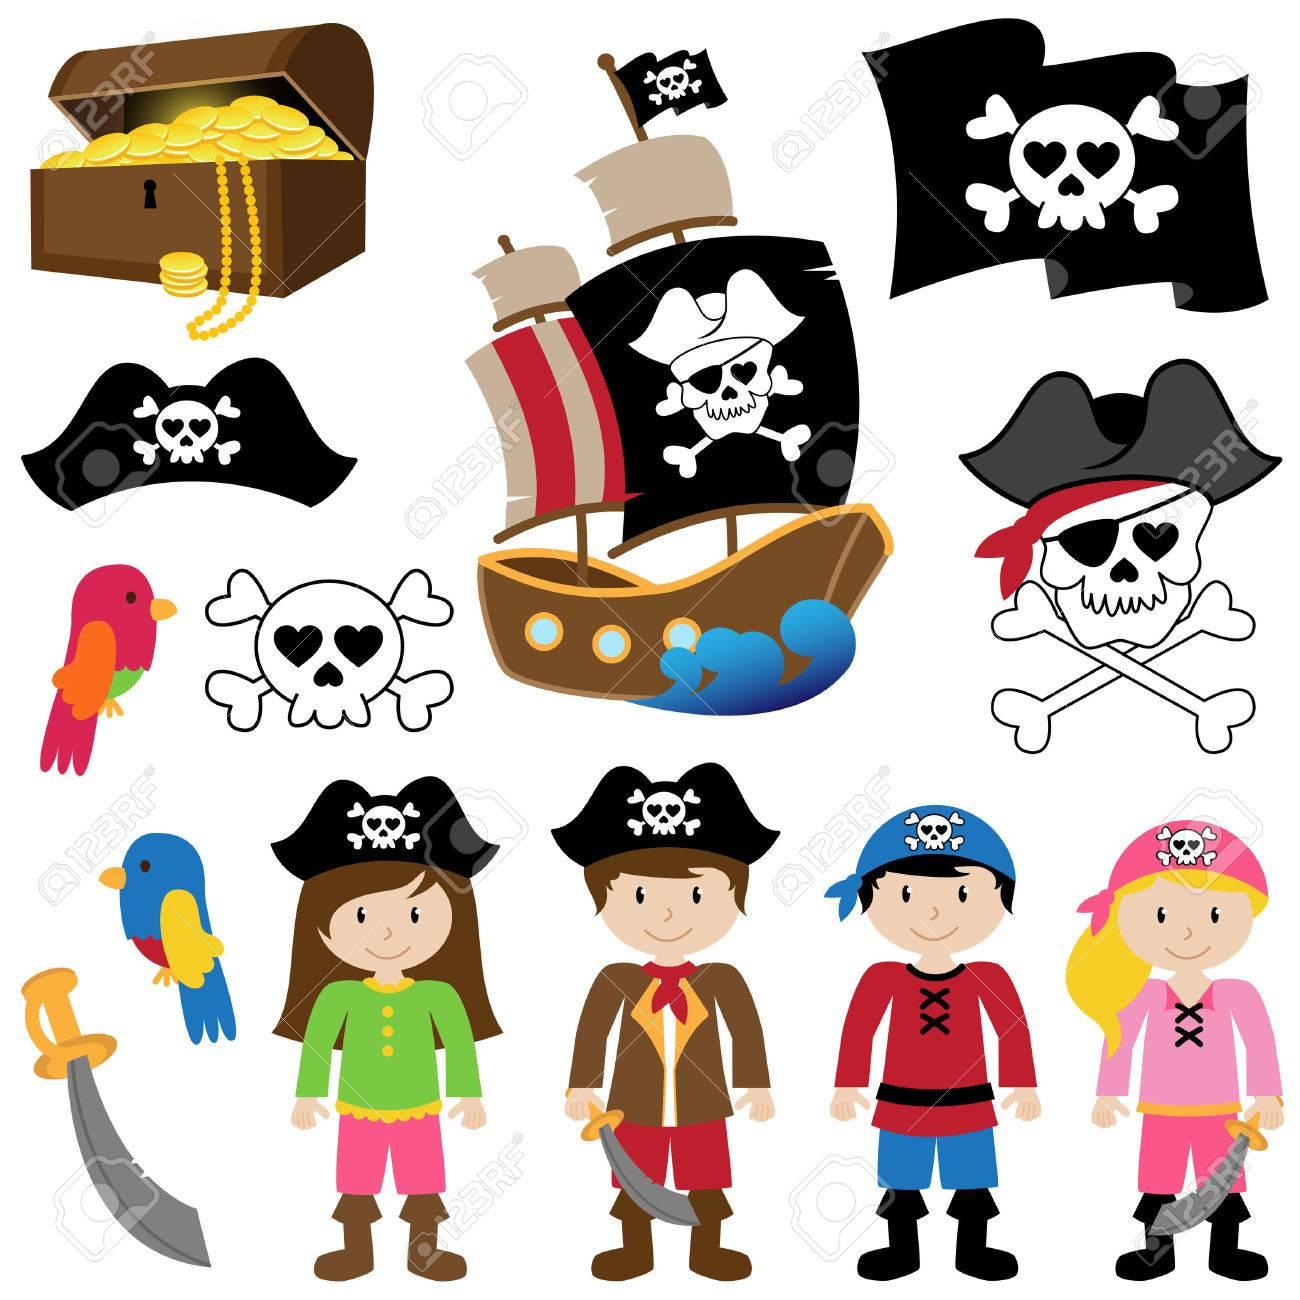 海賊のベクトル イラスト ロイヤリティフリークリップアート、ベクター